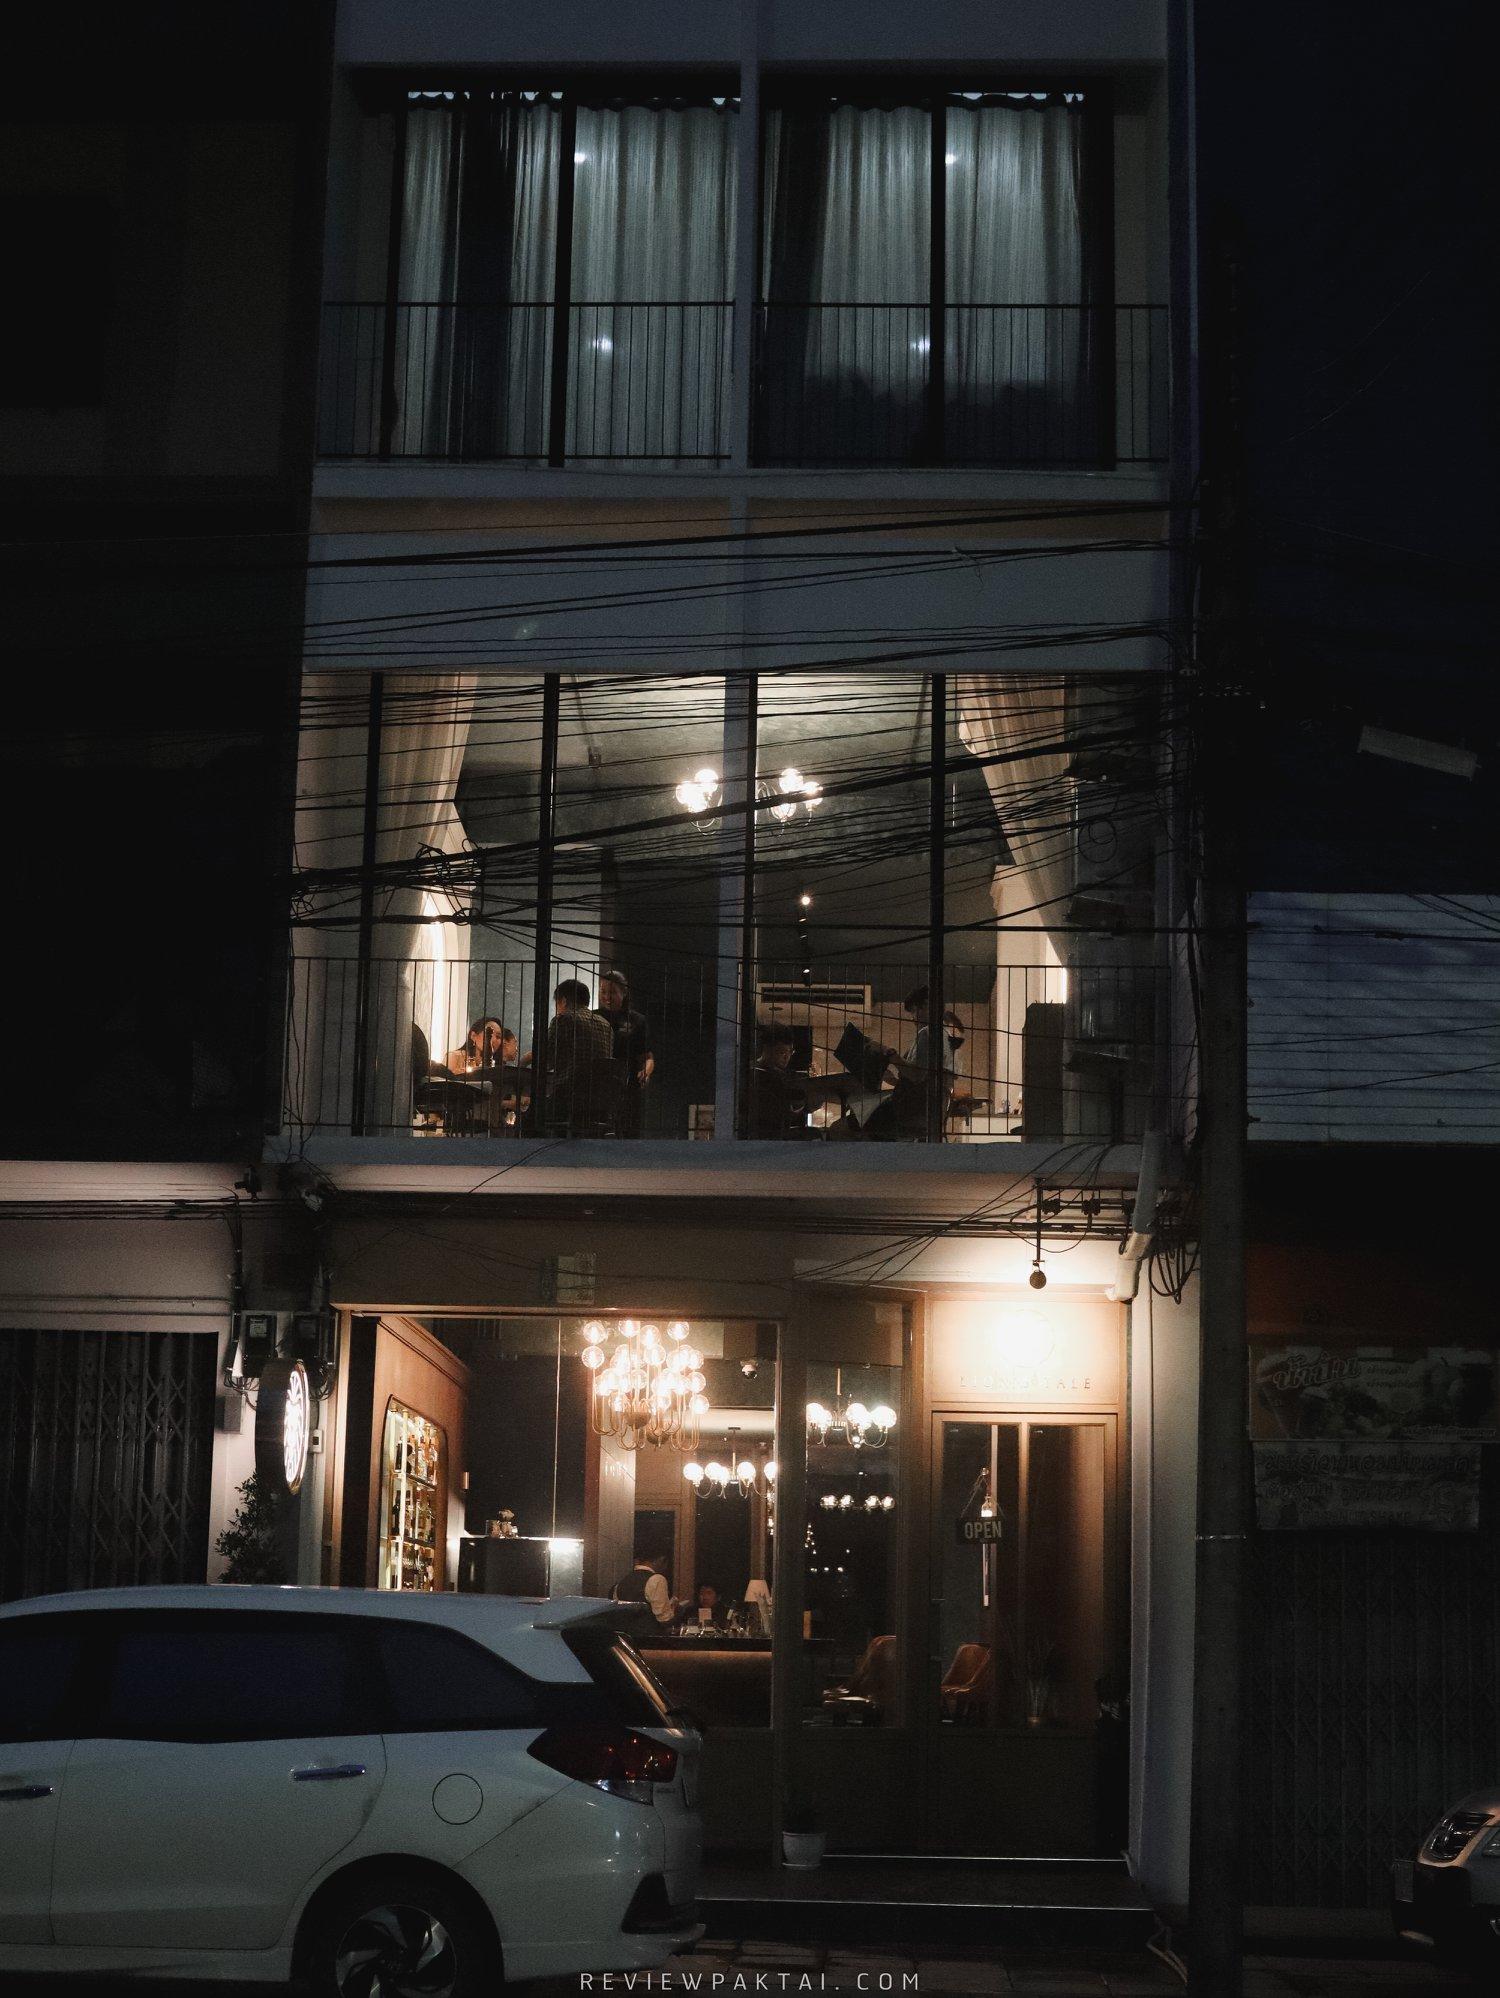 ตรัง,ร้านอาหาร,ของกิน,บาร์,Lion,Tale,Bar,Restaurant,เปิดใหม่